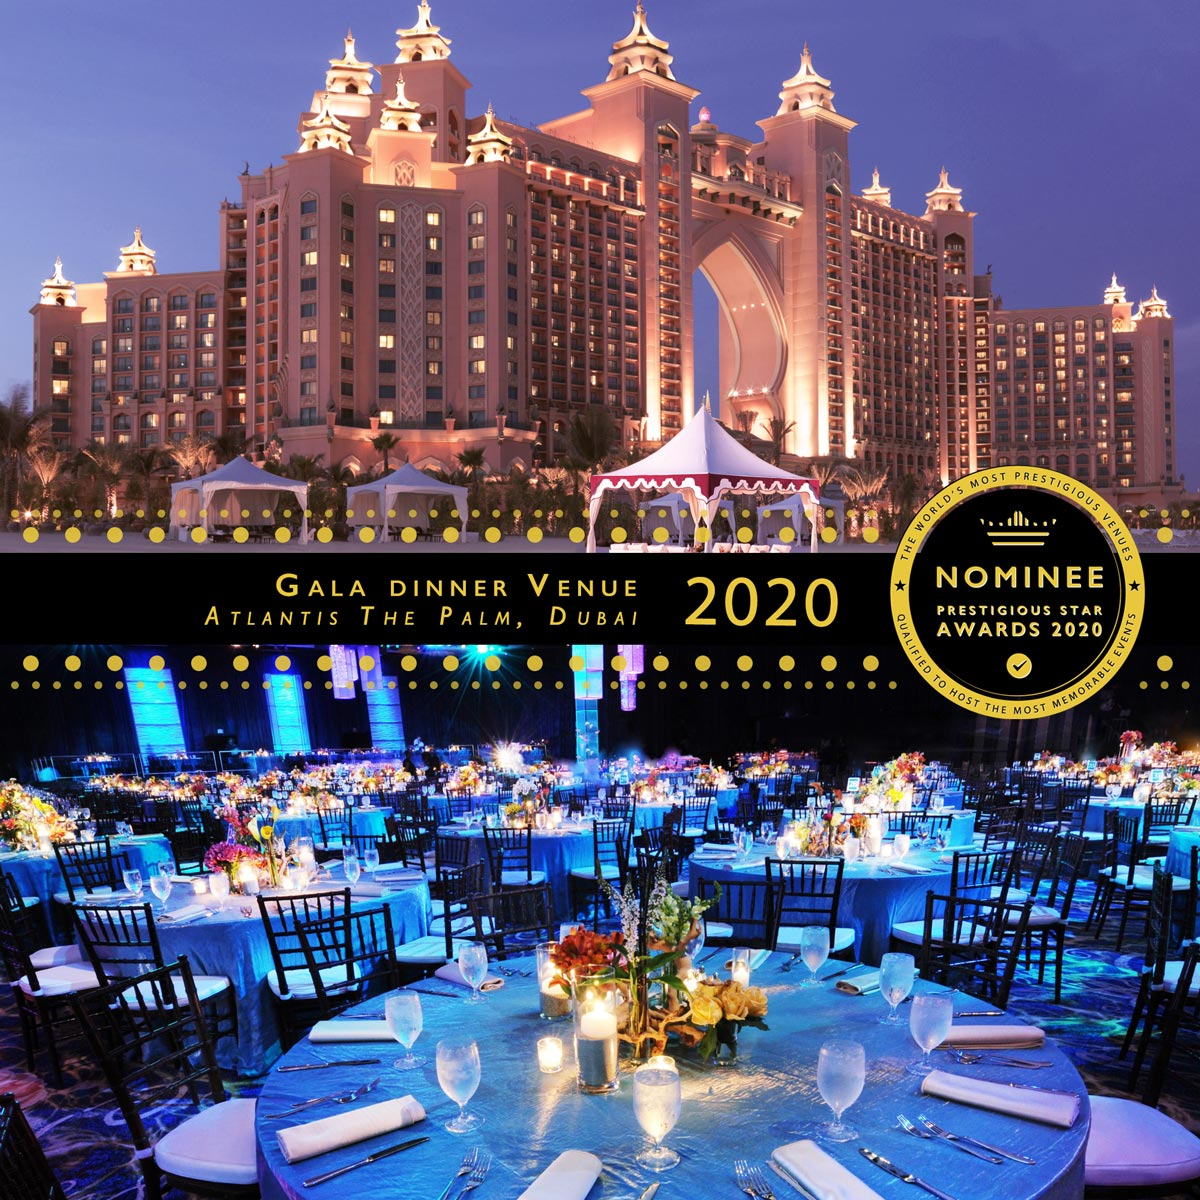 Atlantis Ballroom at Atlantis The Palm, Dubai